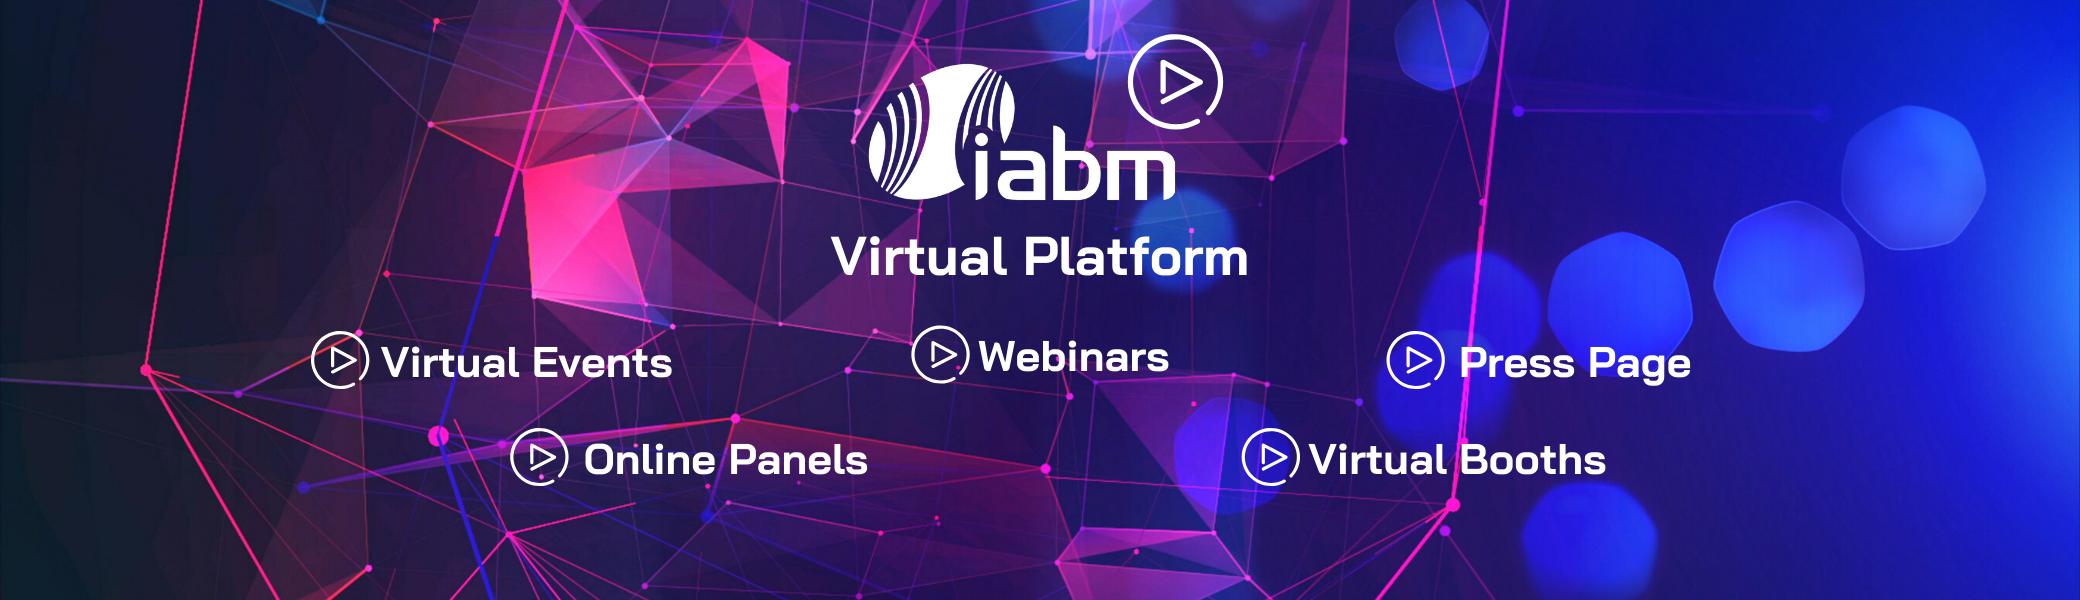 IABM Virtual Platform